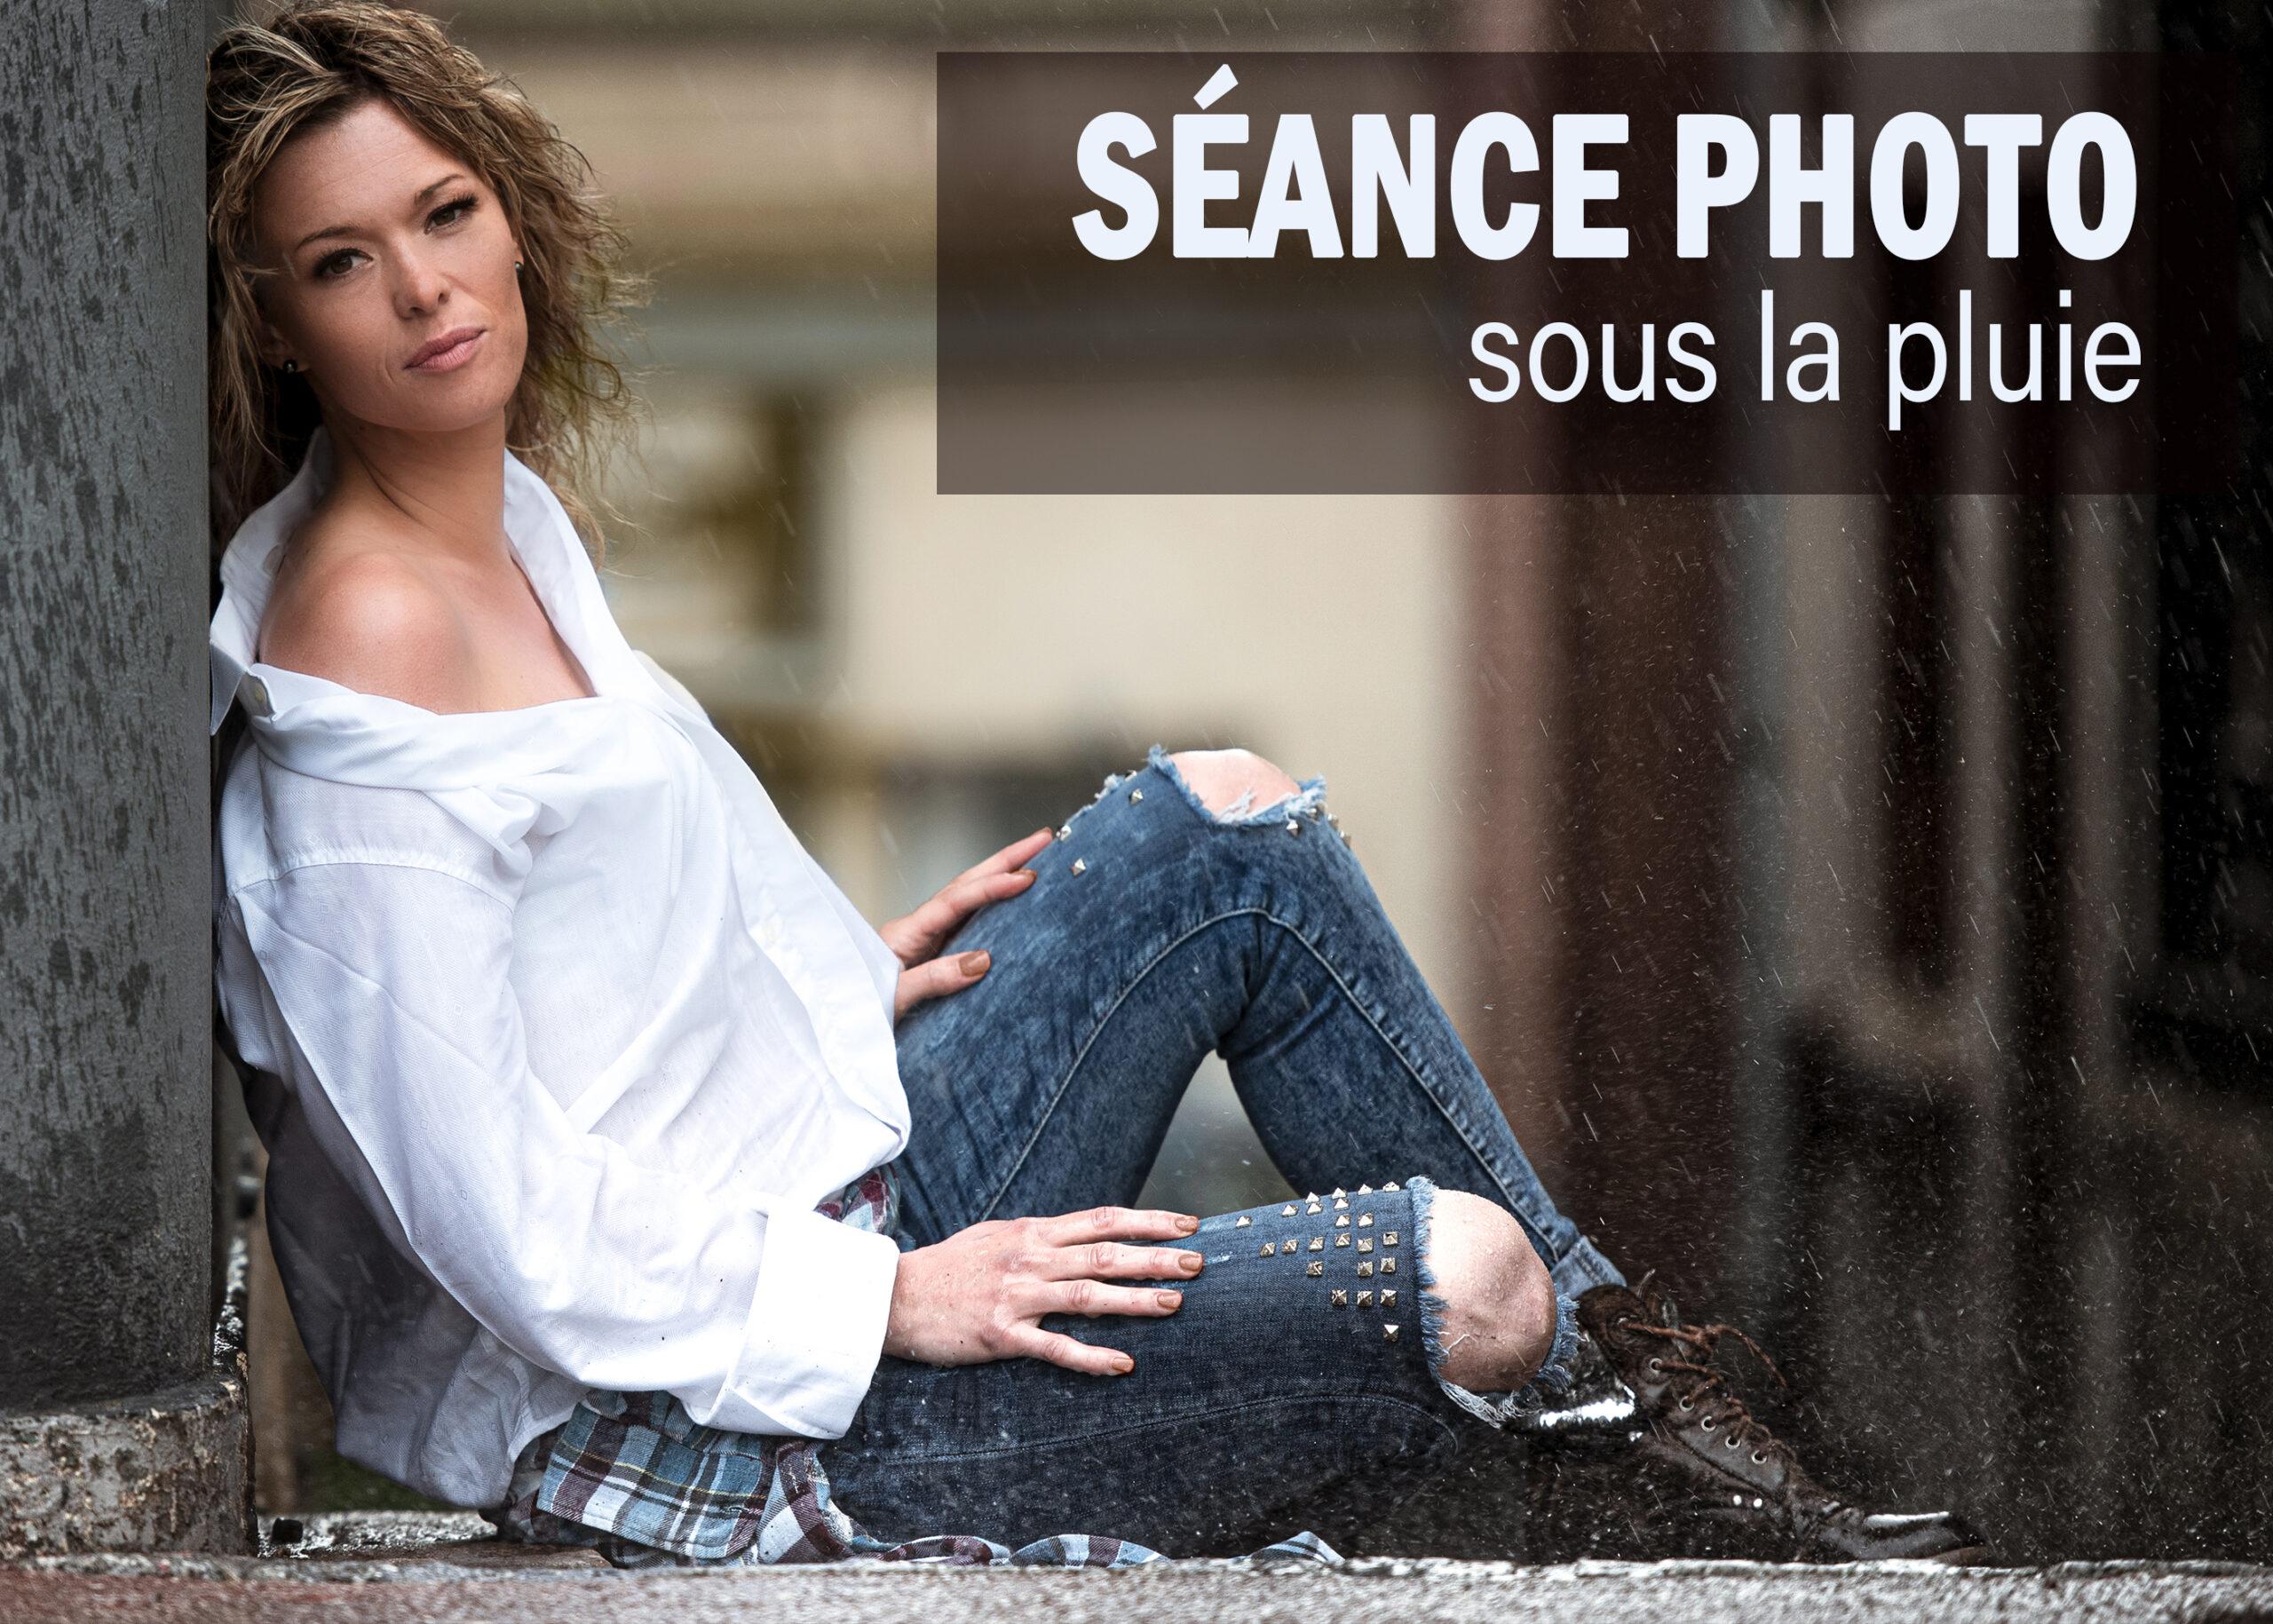 SÉANCE PHOTO SOUS LA PLUIE !!!